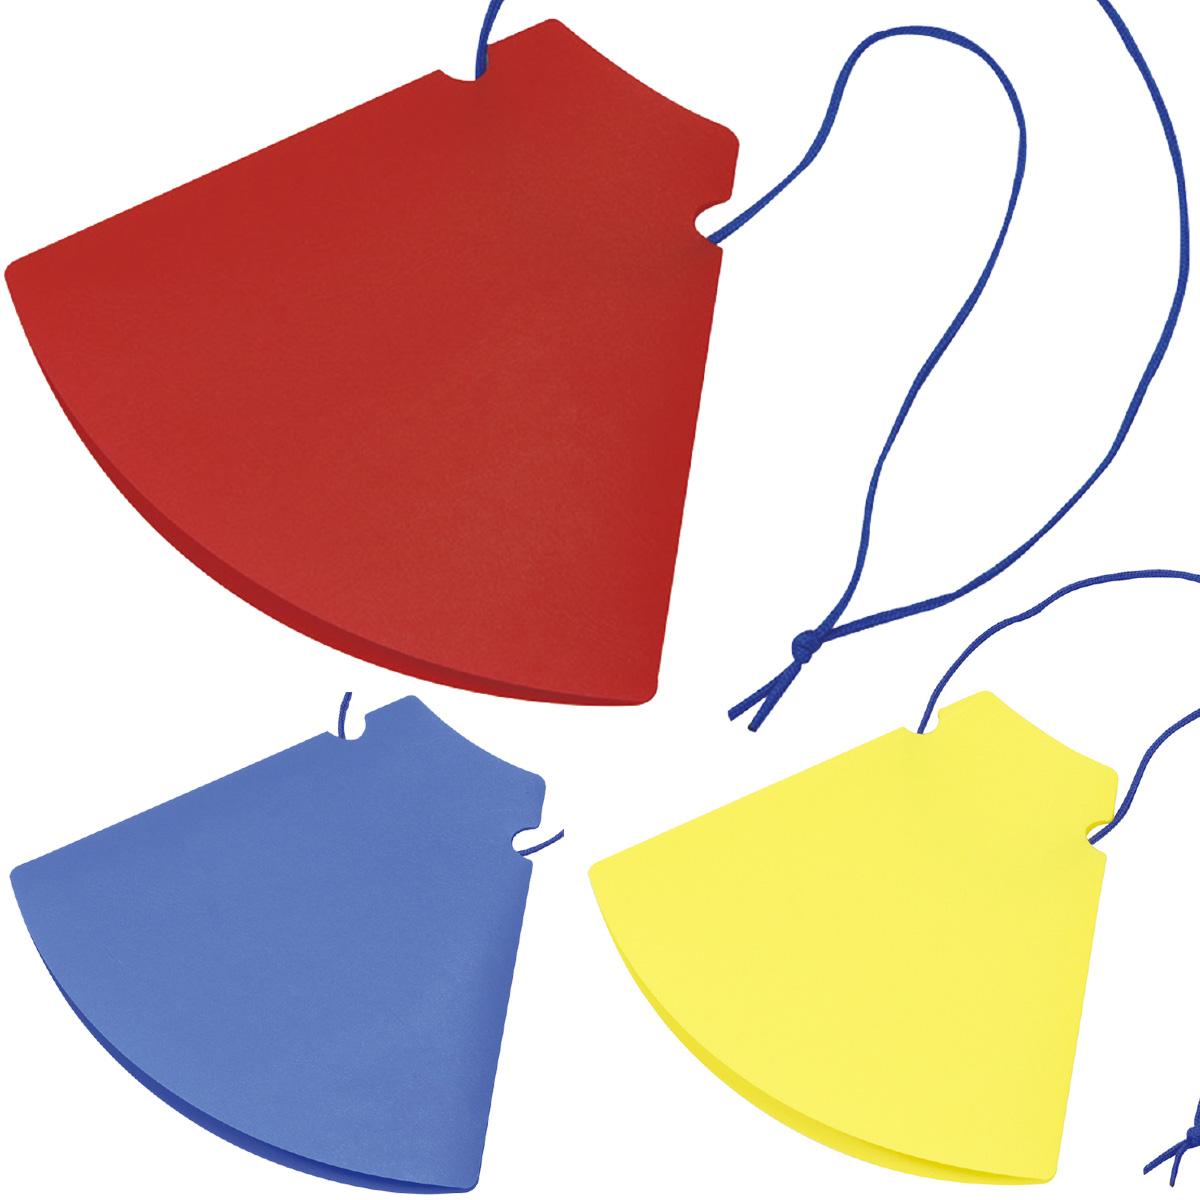 メガホン 応援 折りたたみ ひも付き 体育祭グッズ 運動会 スポーツ 赤 青 黄 コンパクト 拡声器 かわいい 少年野球 おもちゃ 子供